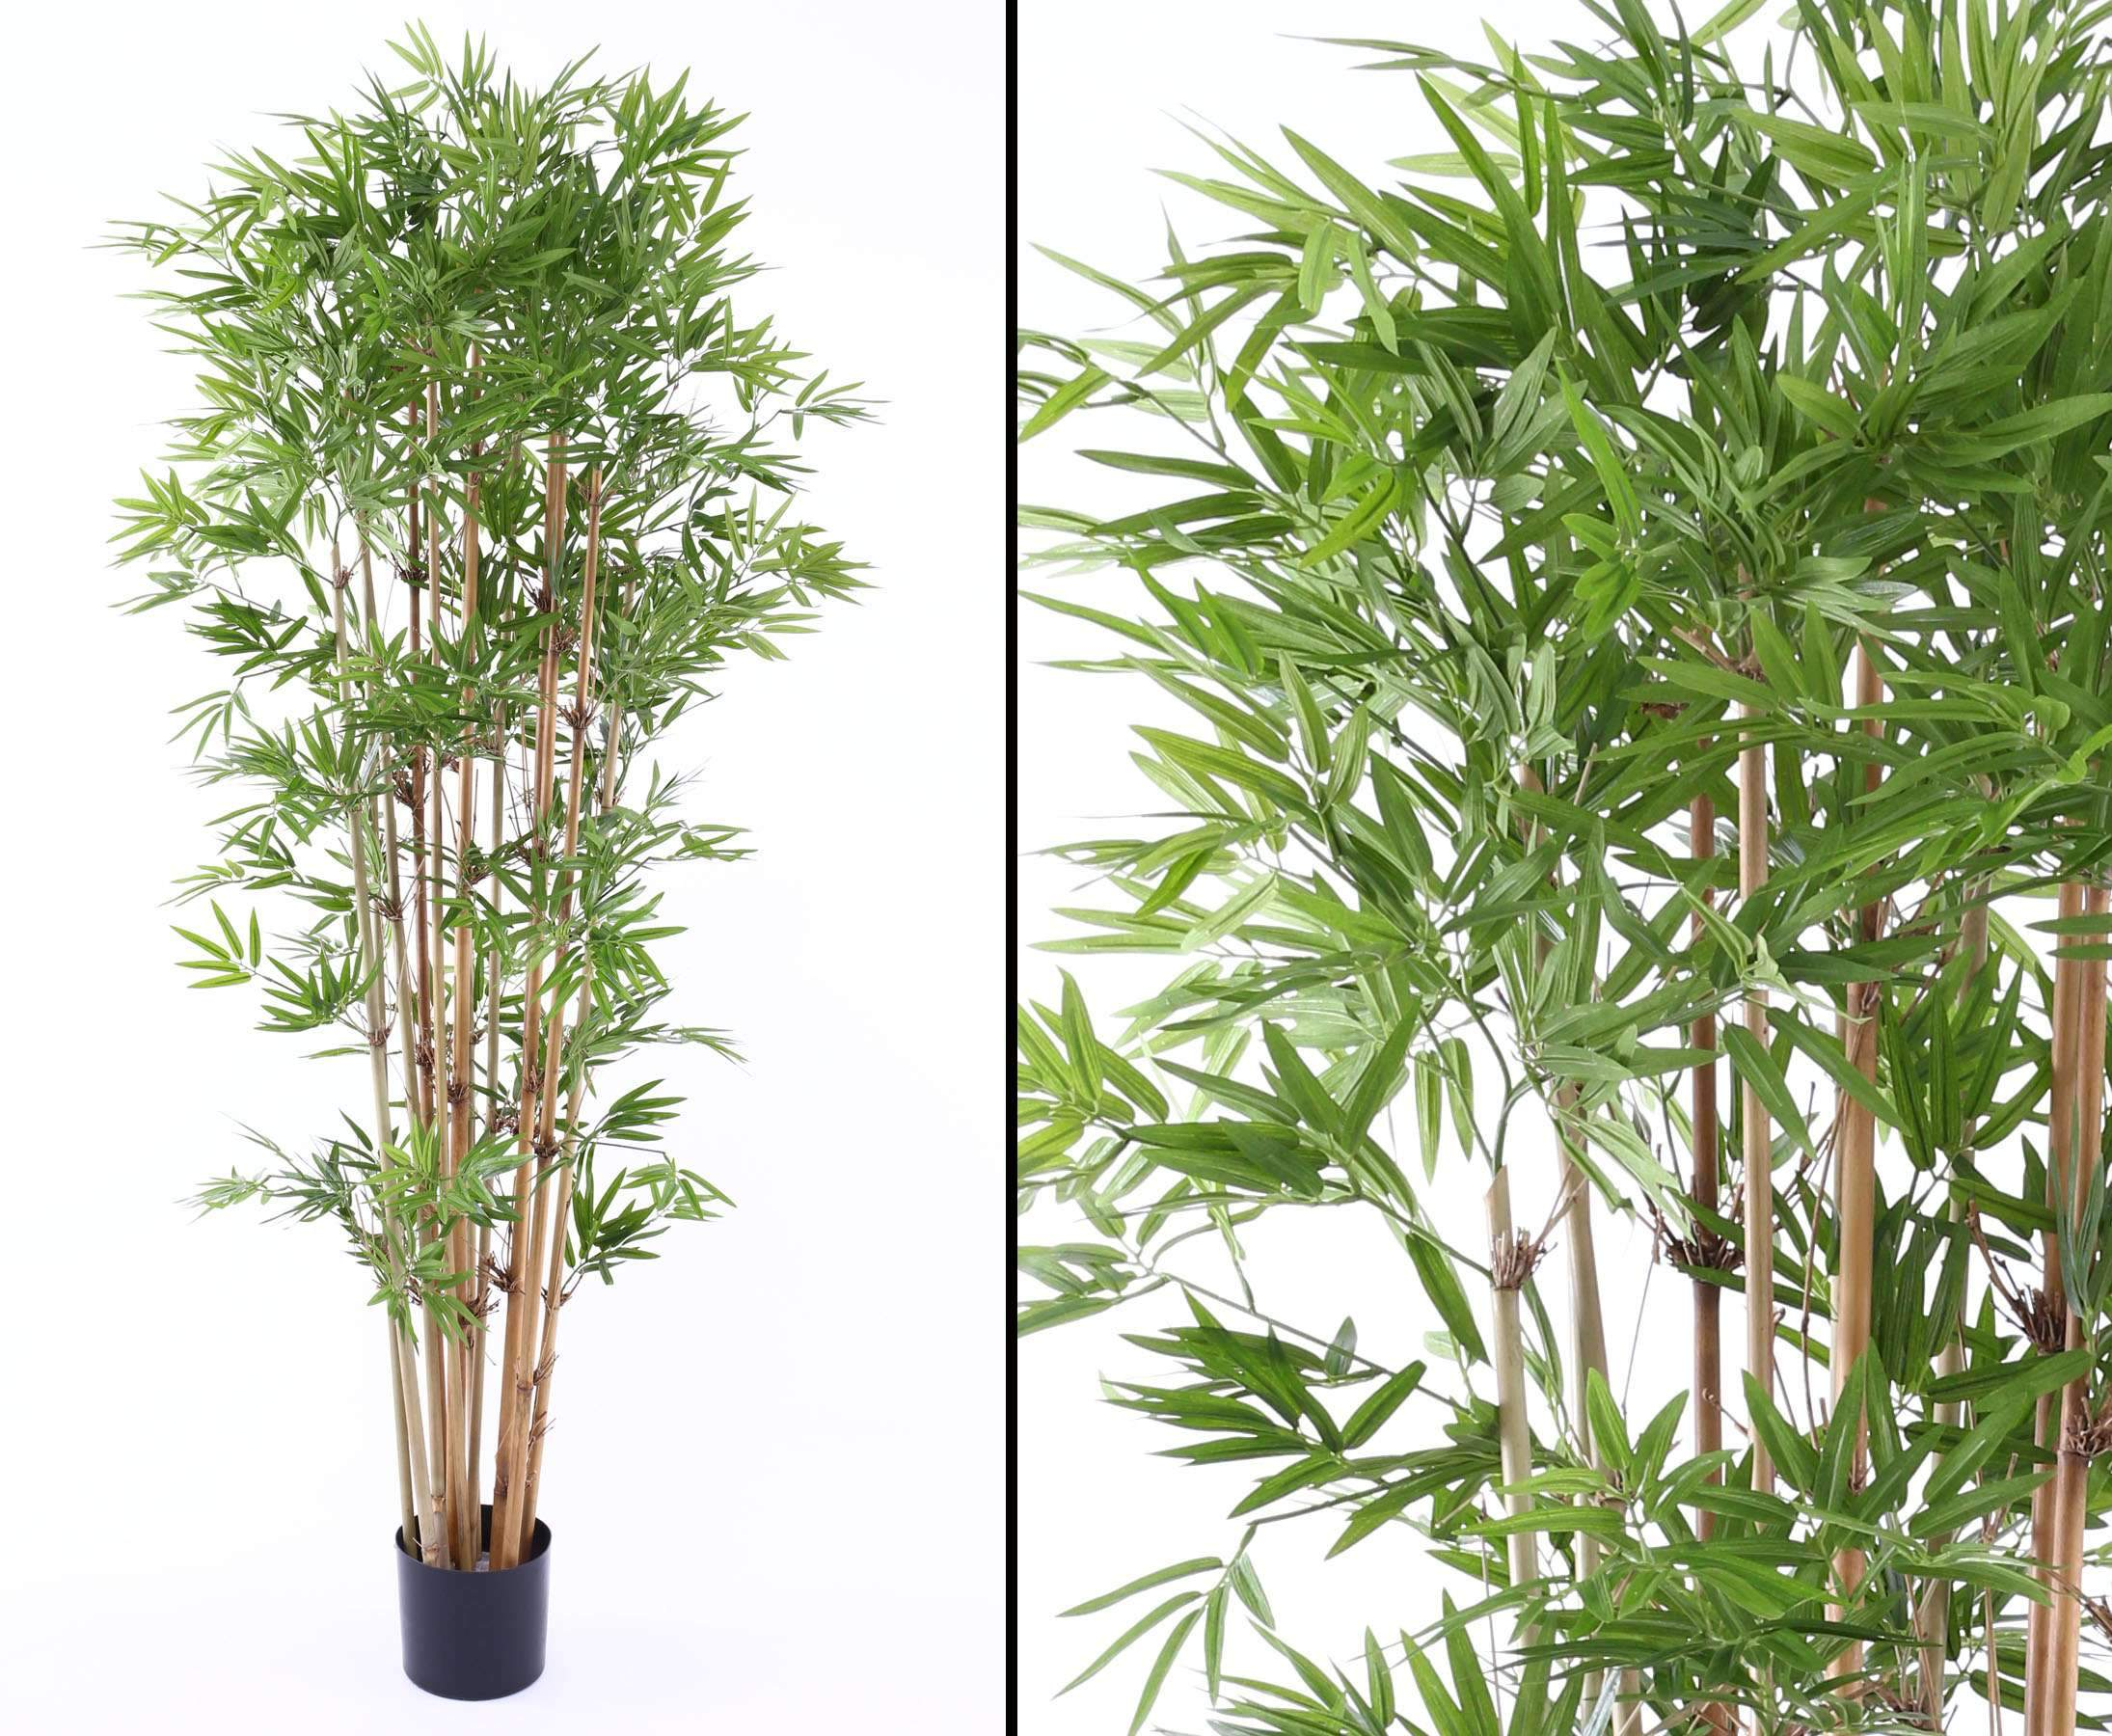 Bambus mit 2400 textilen Blaettern und Naturstaemmen Hoehe 180cmfD6p0lWbUdzxp 1280x1280 2x